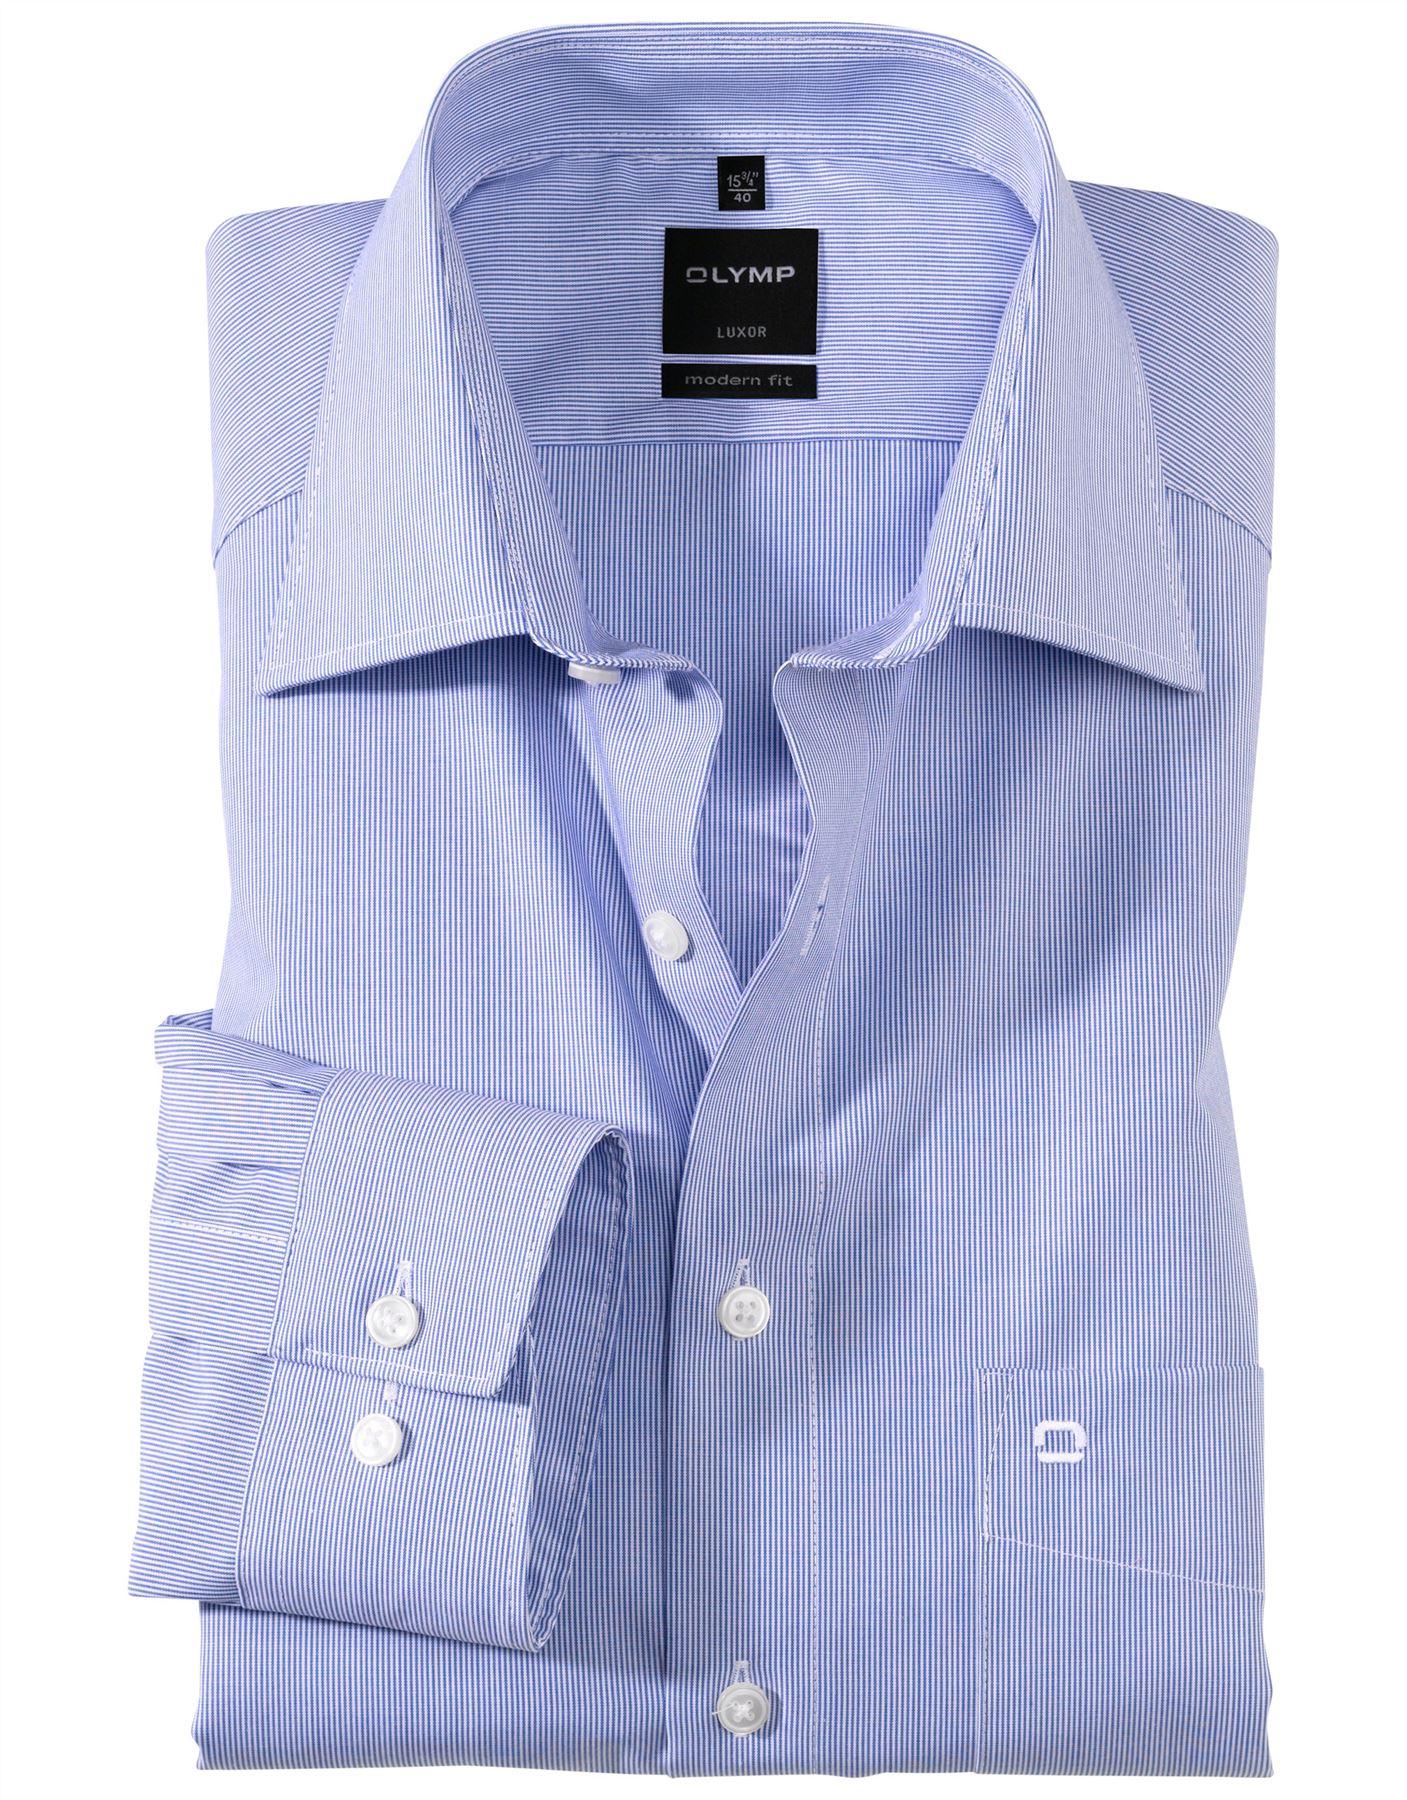 Camicia da Uomo Olymp Luxor moderno fit su misura senza ferro puro cotone manica lunga